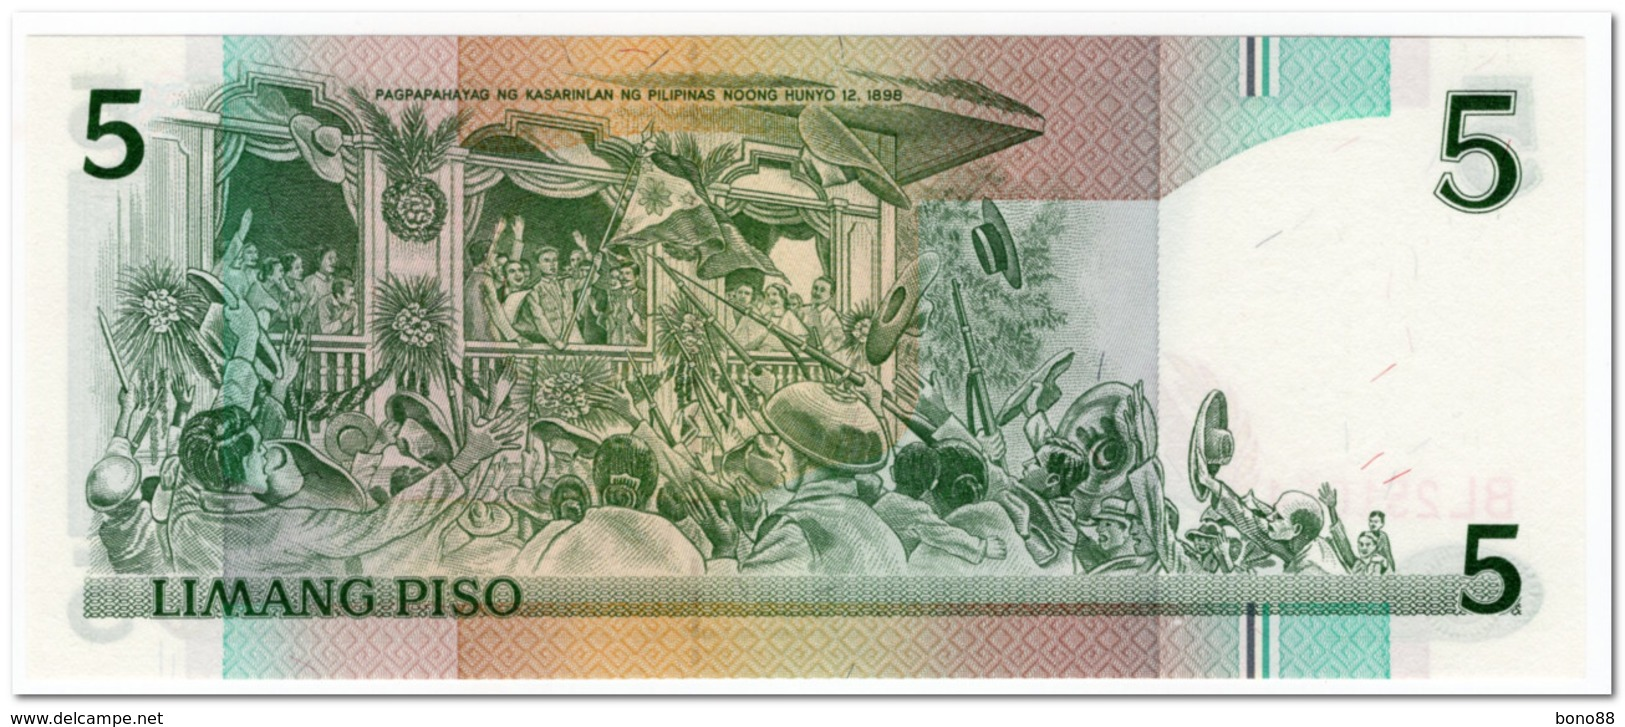 PHILIPPINES,5 PISO,1995,P.180,UNC - Philippines